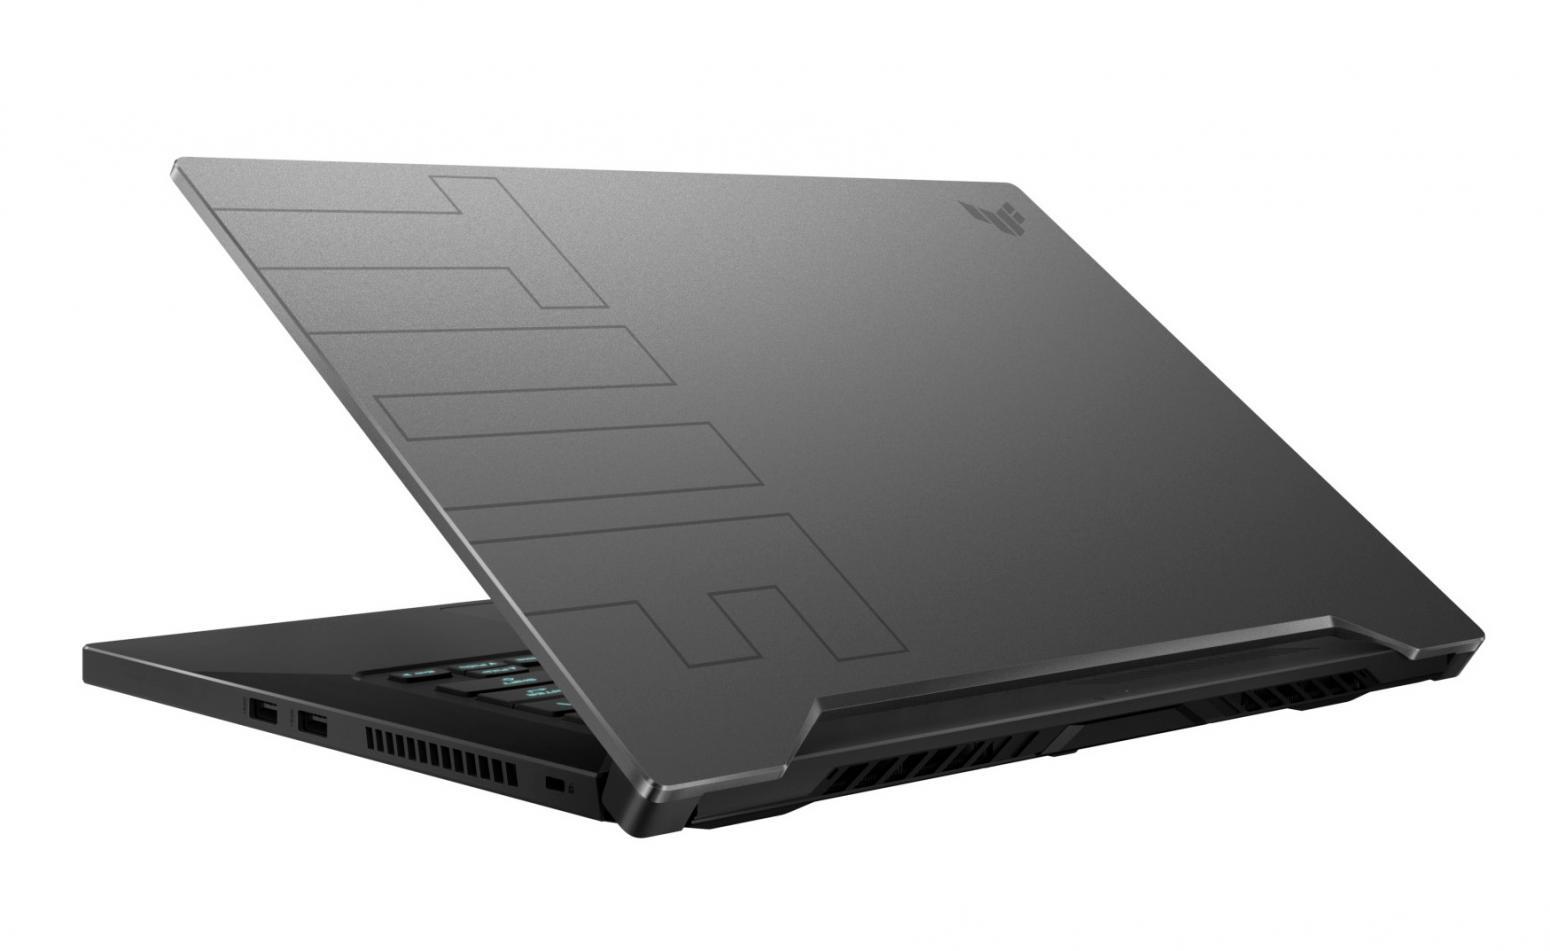 Ordinateur portable Asus TUF Dash F15 516PM-AZ066 Gris - RTX 3060, 240Hz, Sans Windows - photo 9